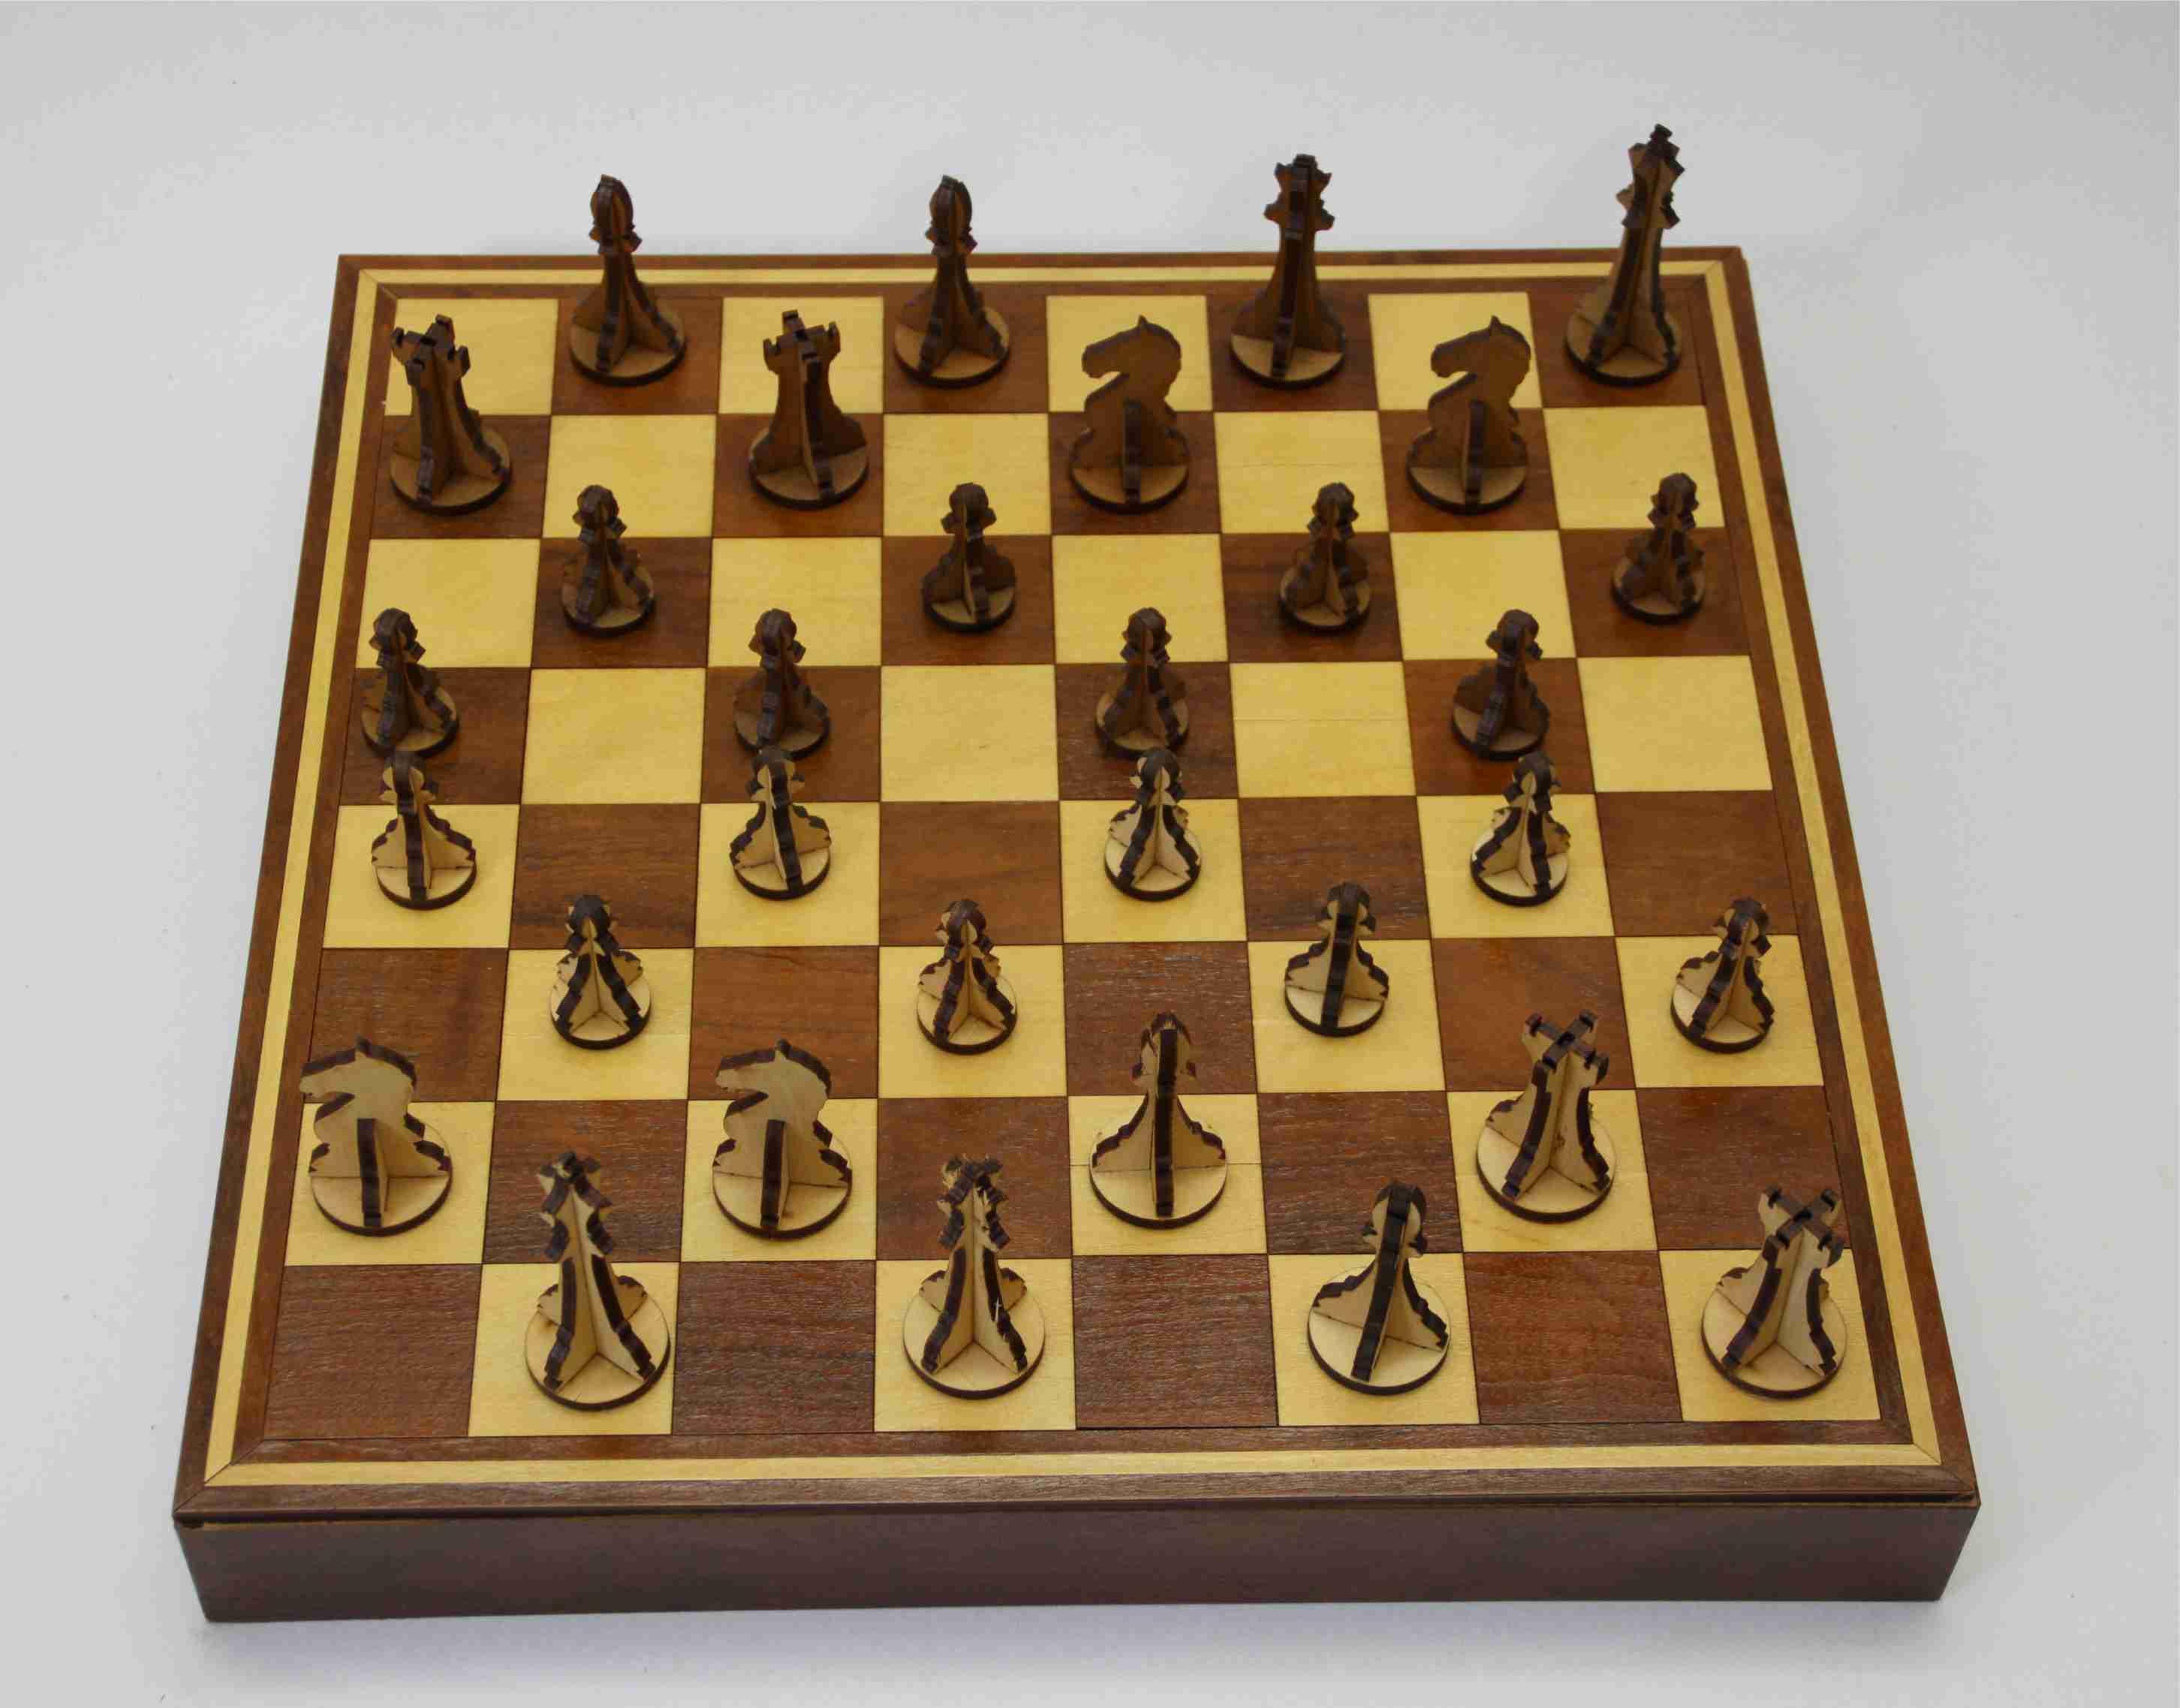 b8c6a6cc7ff Tabuleiro de Xadrez no Elo7